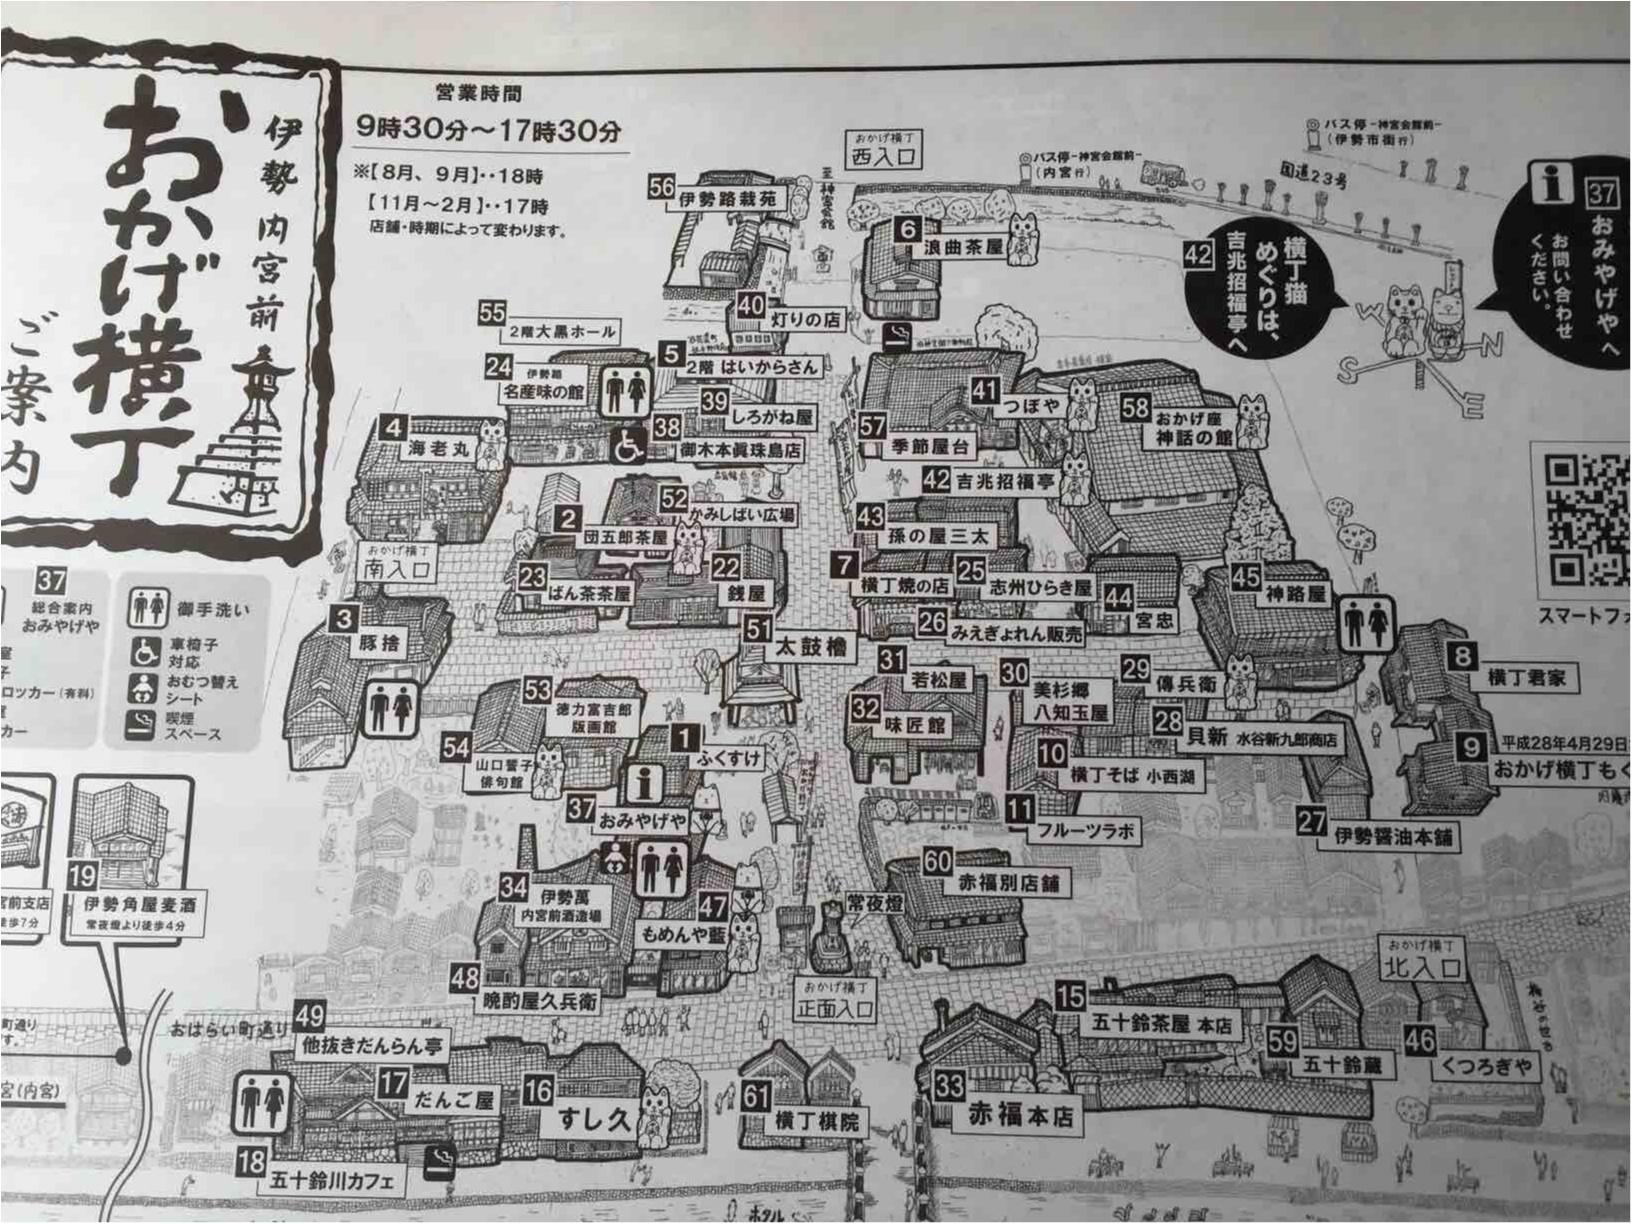 伊勢神宮&名古屋Trip♡伊勢神宮周辺のオススメスポット(๑╹ڡ╹)≪samenyan≫_6